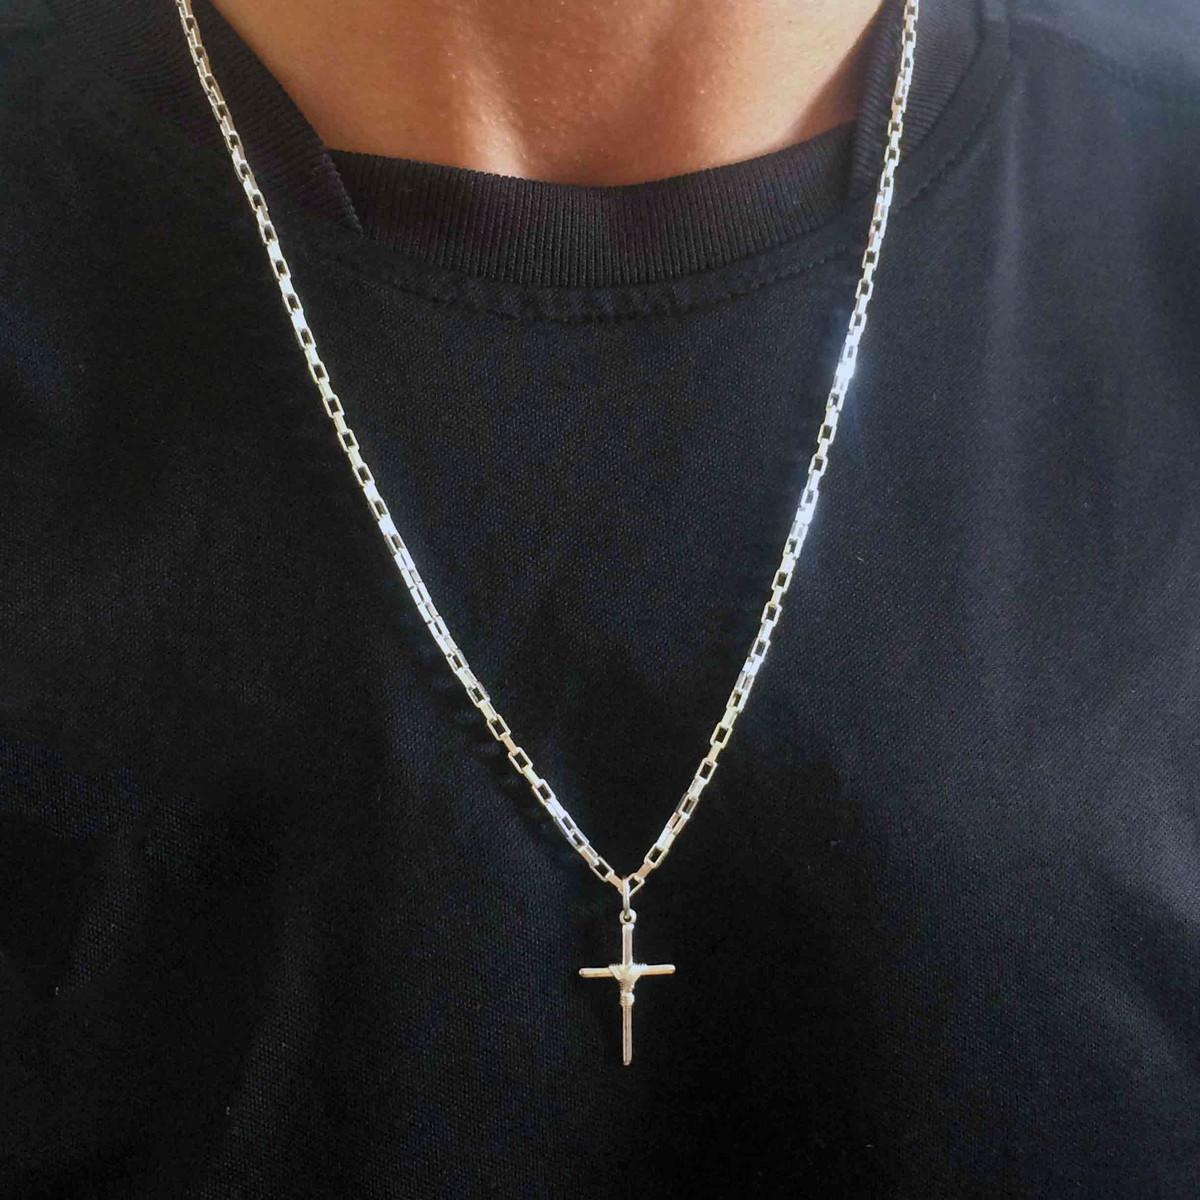 Corrente Masculina Prata Cartier 60 Cm com Crucifixo Manto no Elo7 ... 0623e95a22